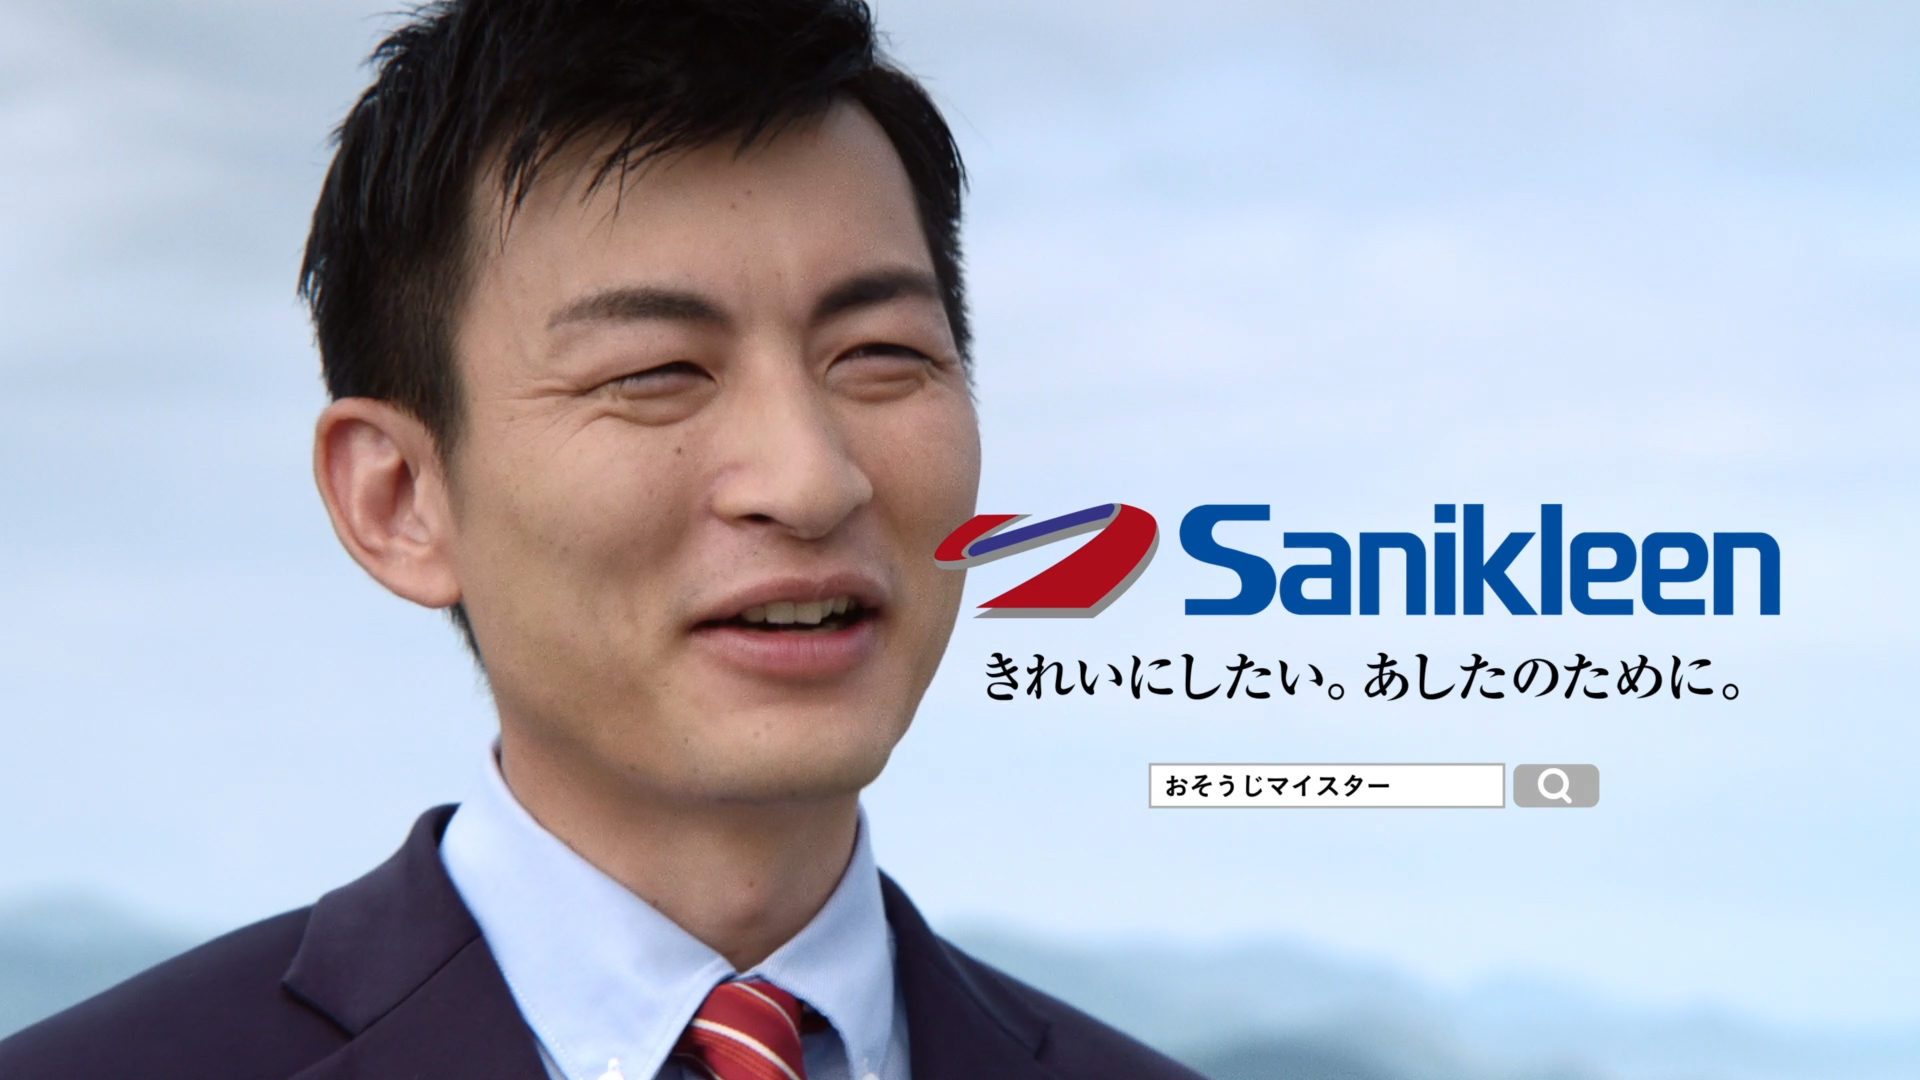 サニクリーンテレビCM 「日本をきれいにサニクリーン編2 全国版(30秒)」